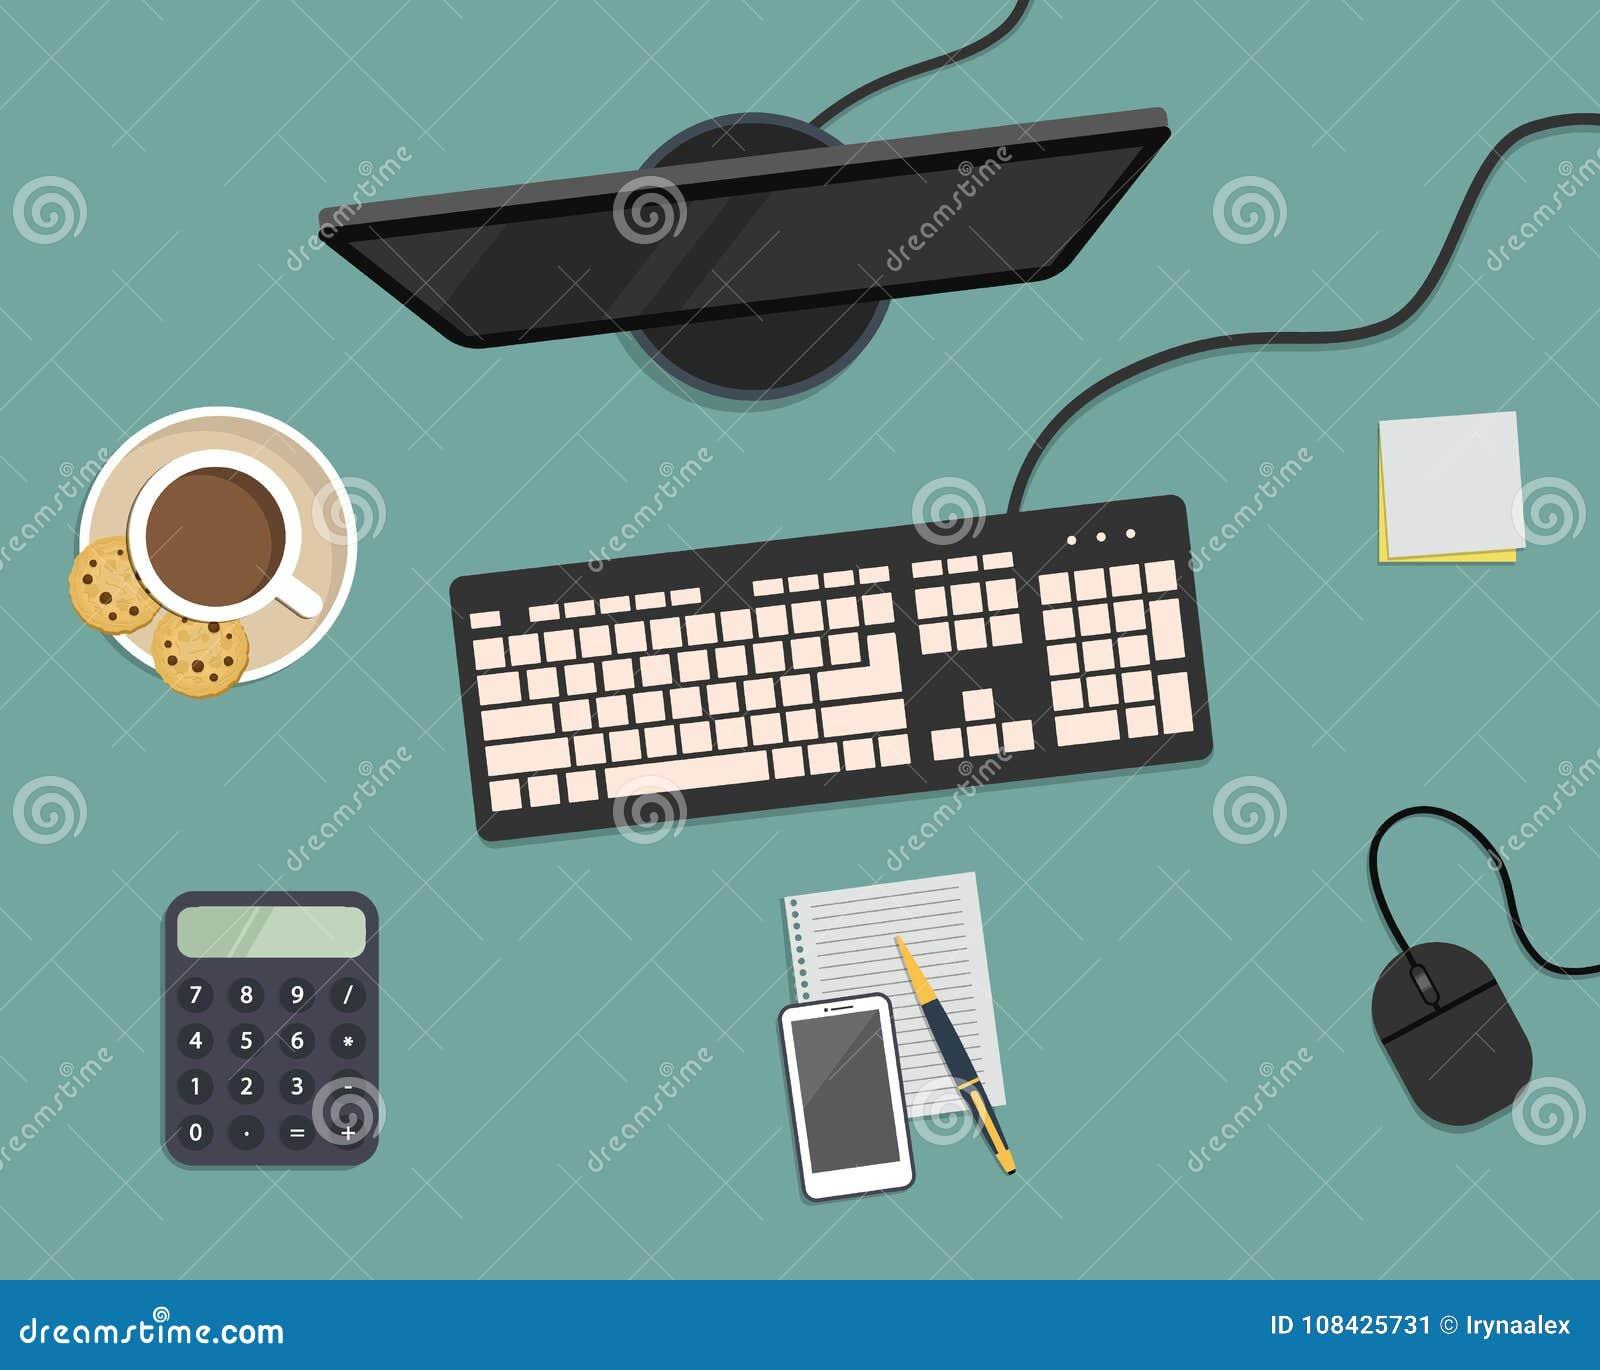 Взгляд сверху предпосылки стола Монитор, клавиатура, мышь, smartphone, калькулятор и другие канцелярские принадлежности на голубо